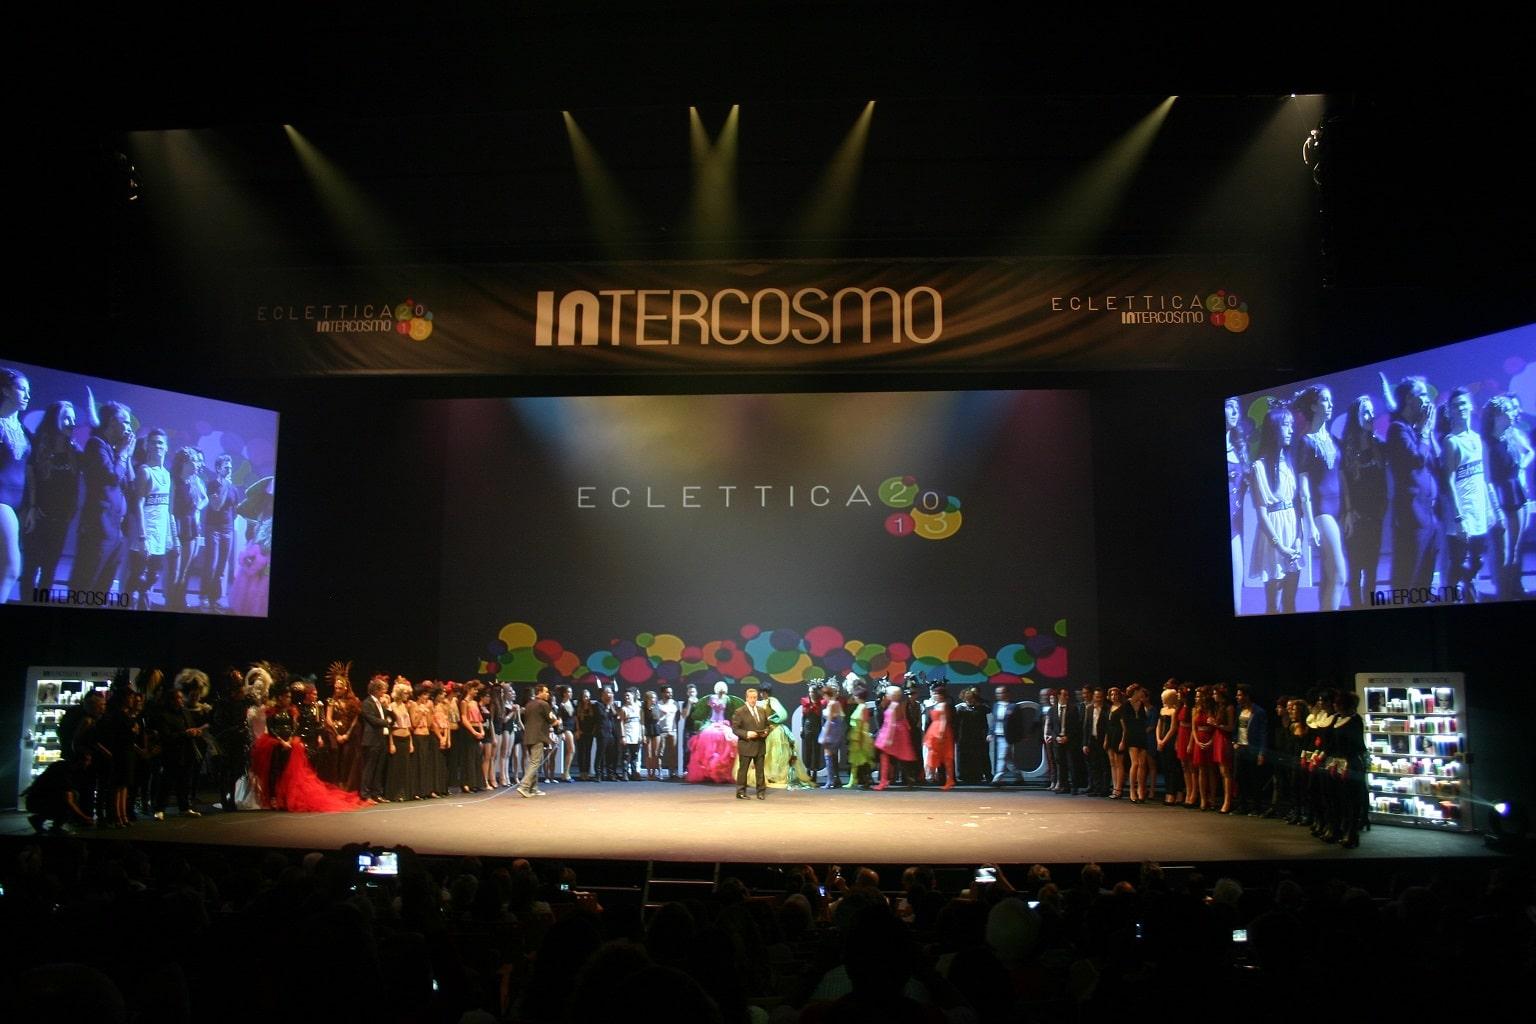 12_Intercosmo_Eclettica2013